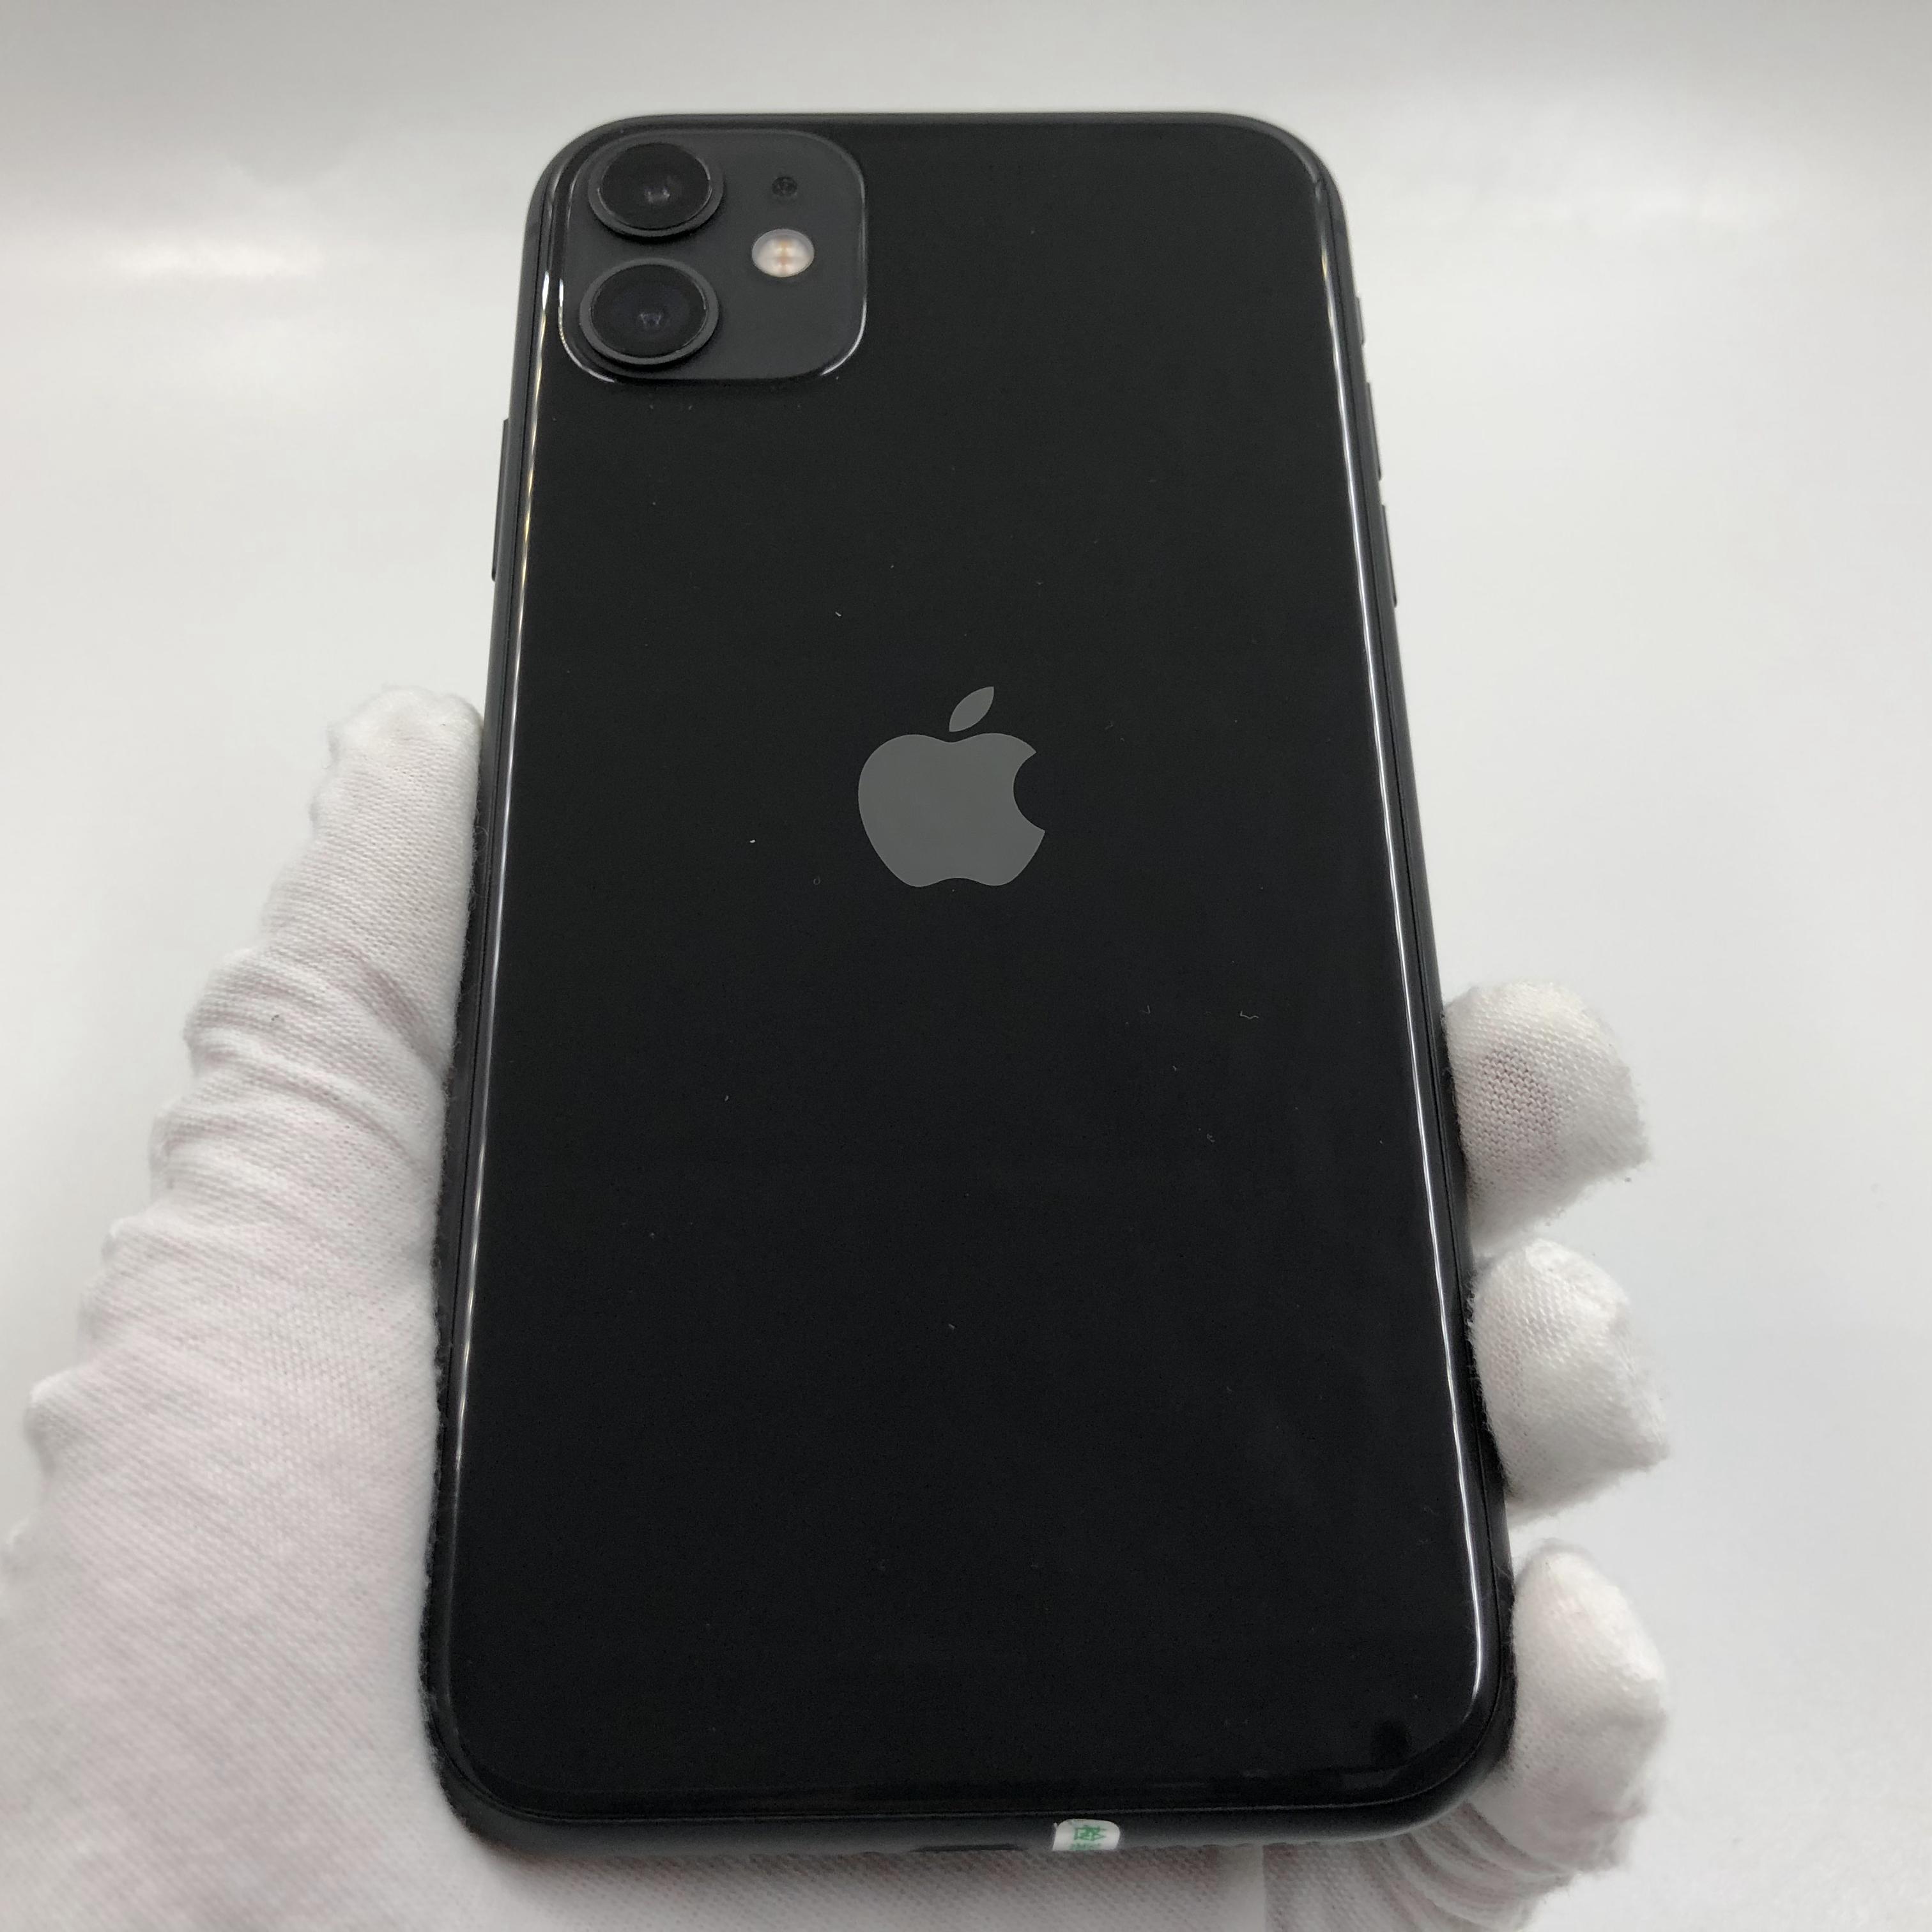 苹果【iPhone 11】4G全网通 黑色 128G 国行 95新 真机实拍官保2021-08-24